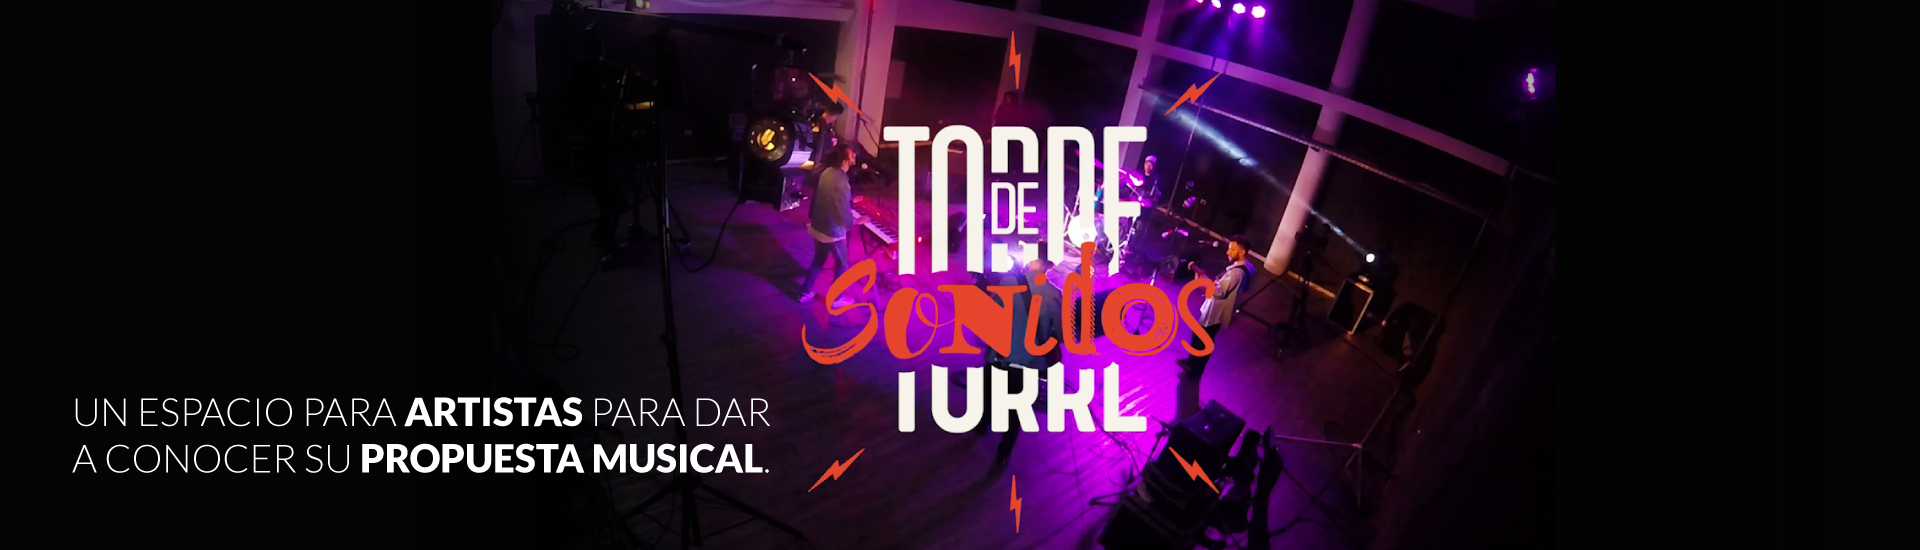 torresdemusica_S